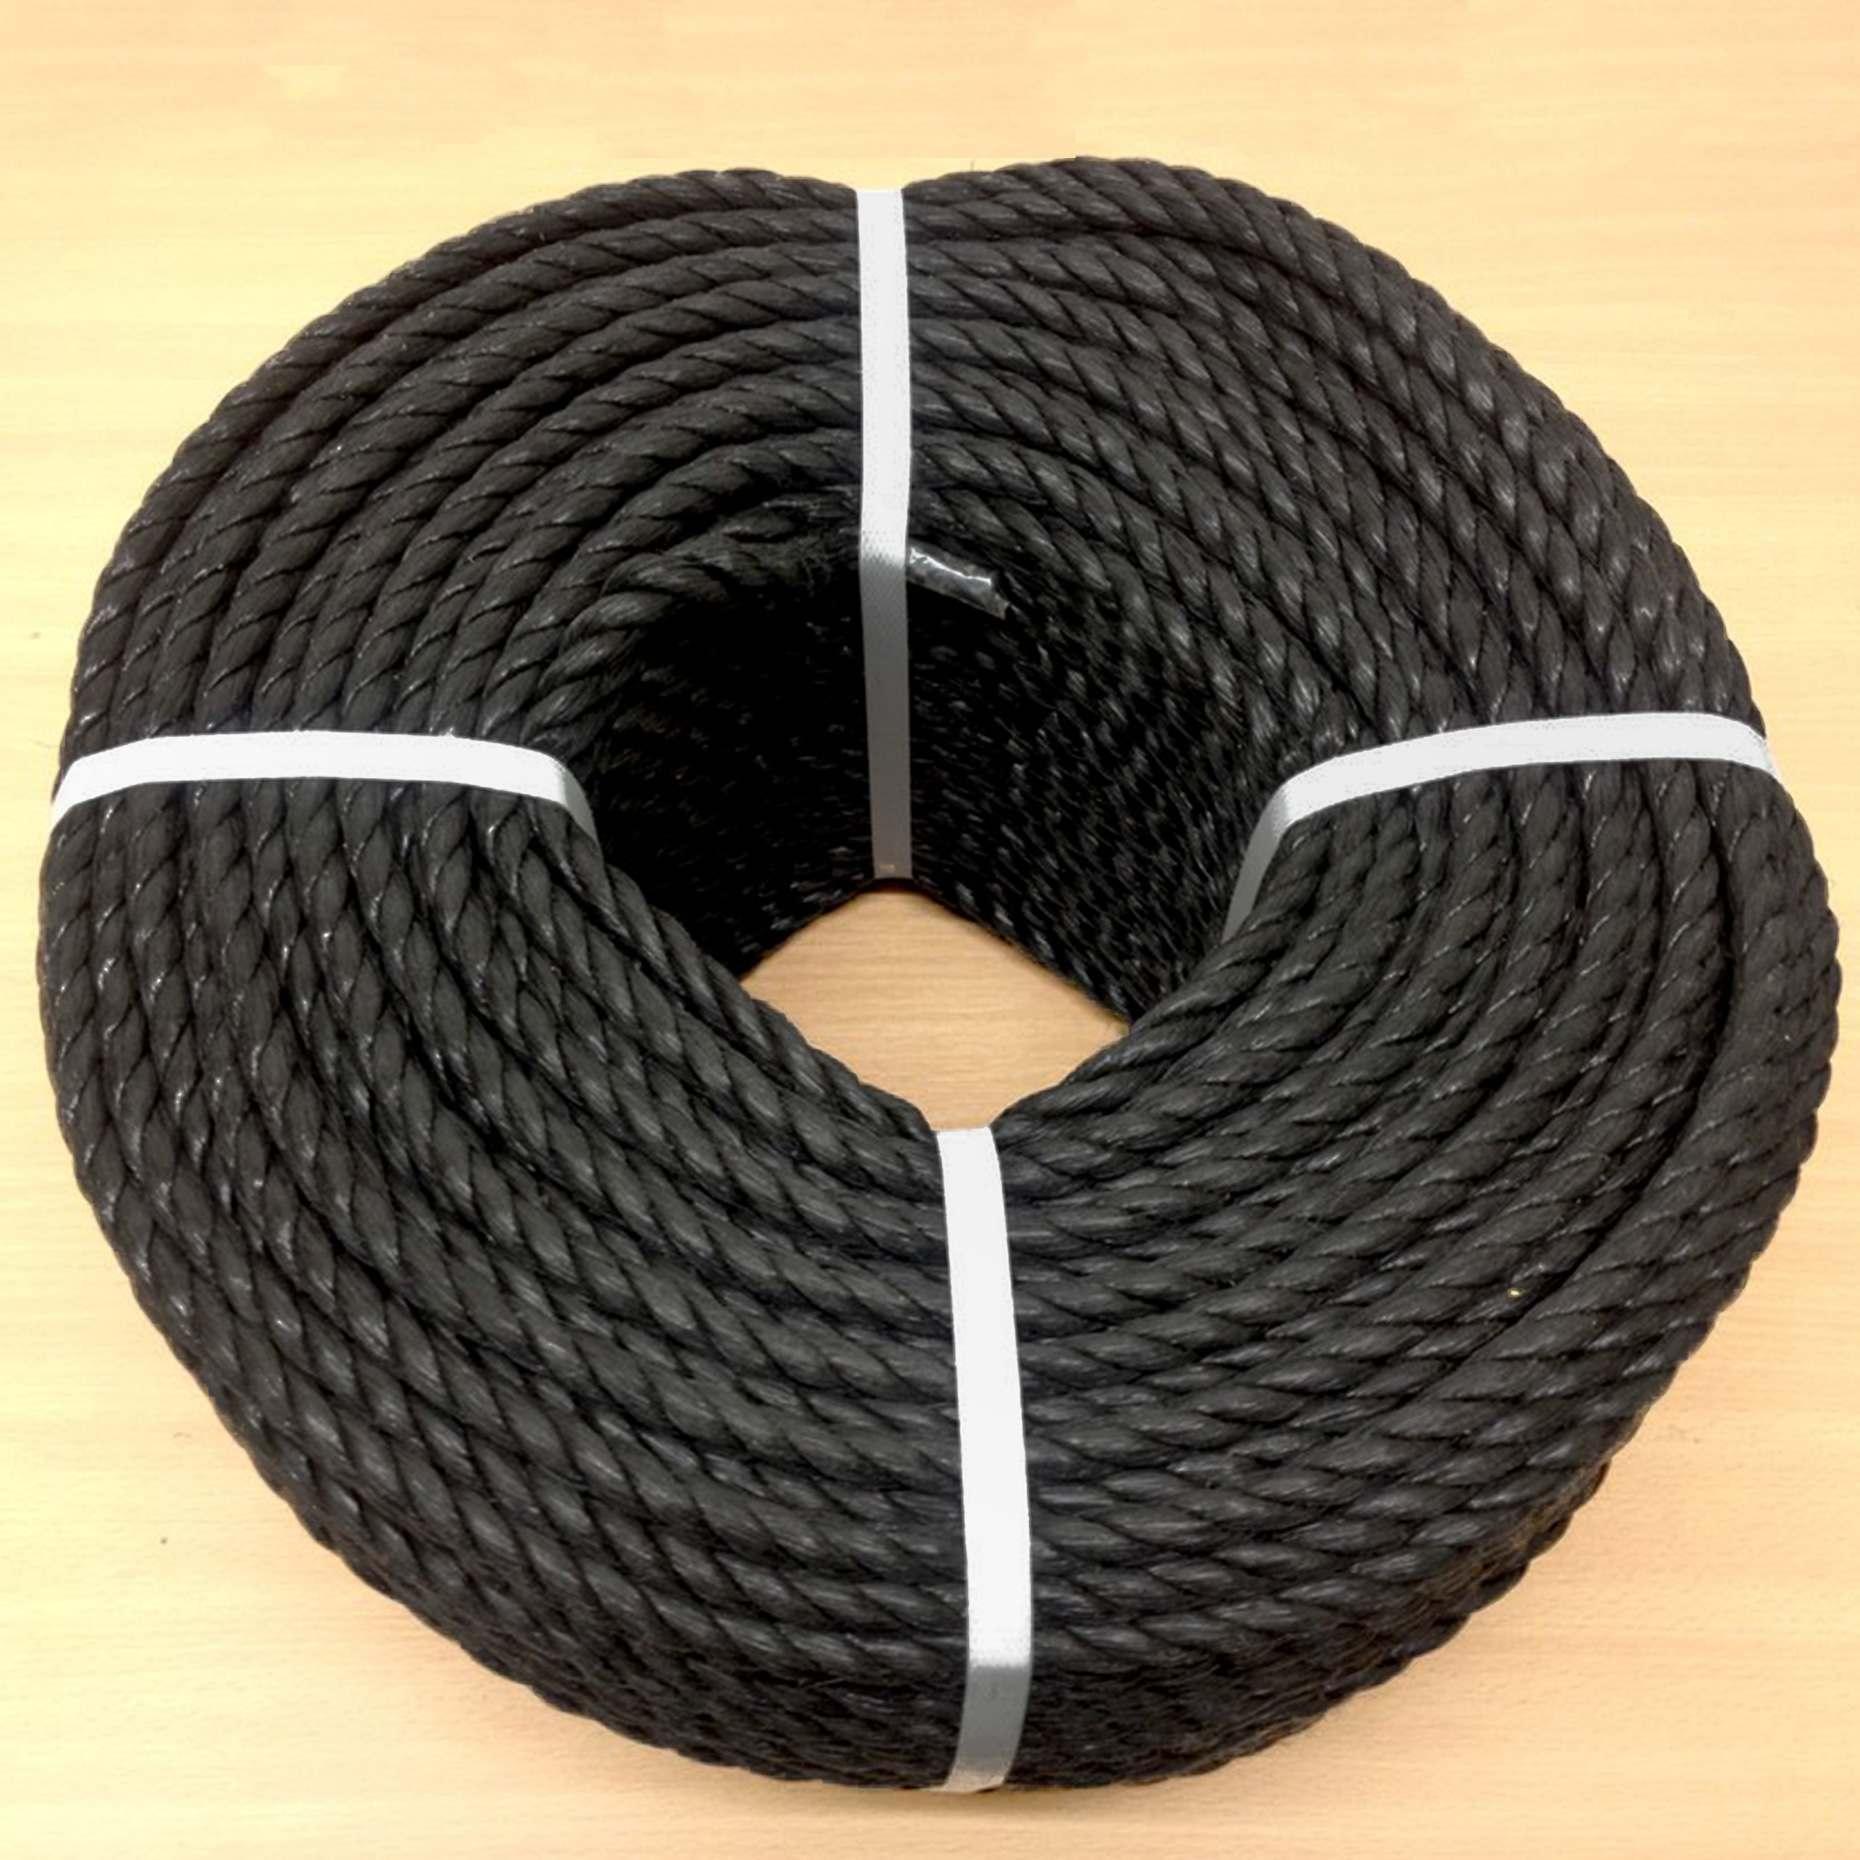 6mm Black Polypropylene Rope - 721ft Coil